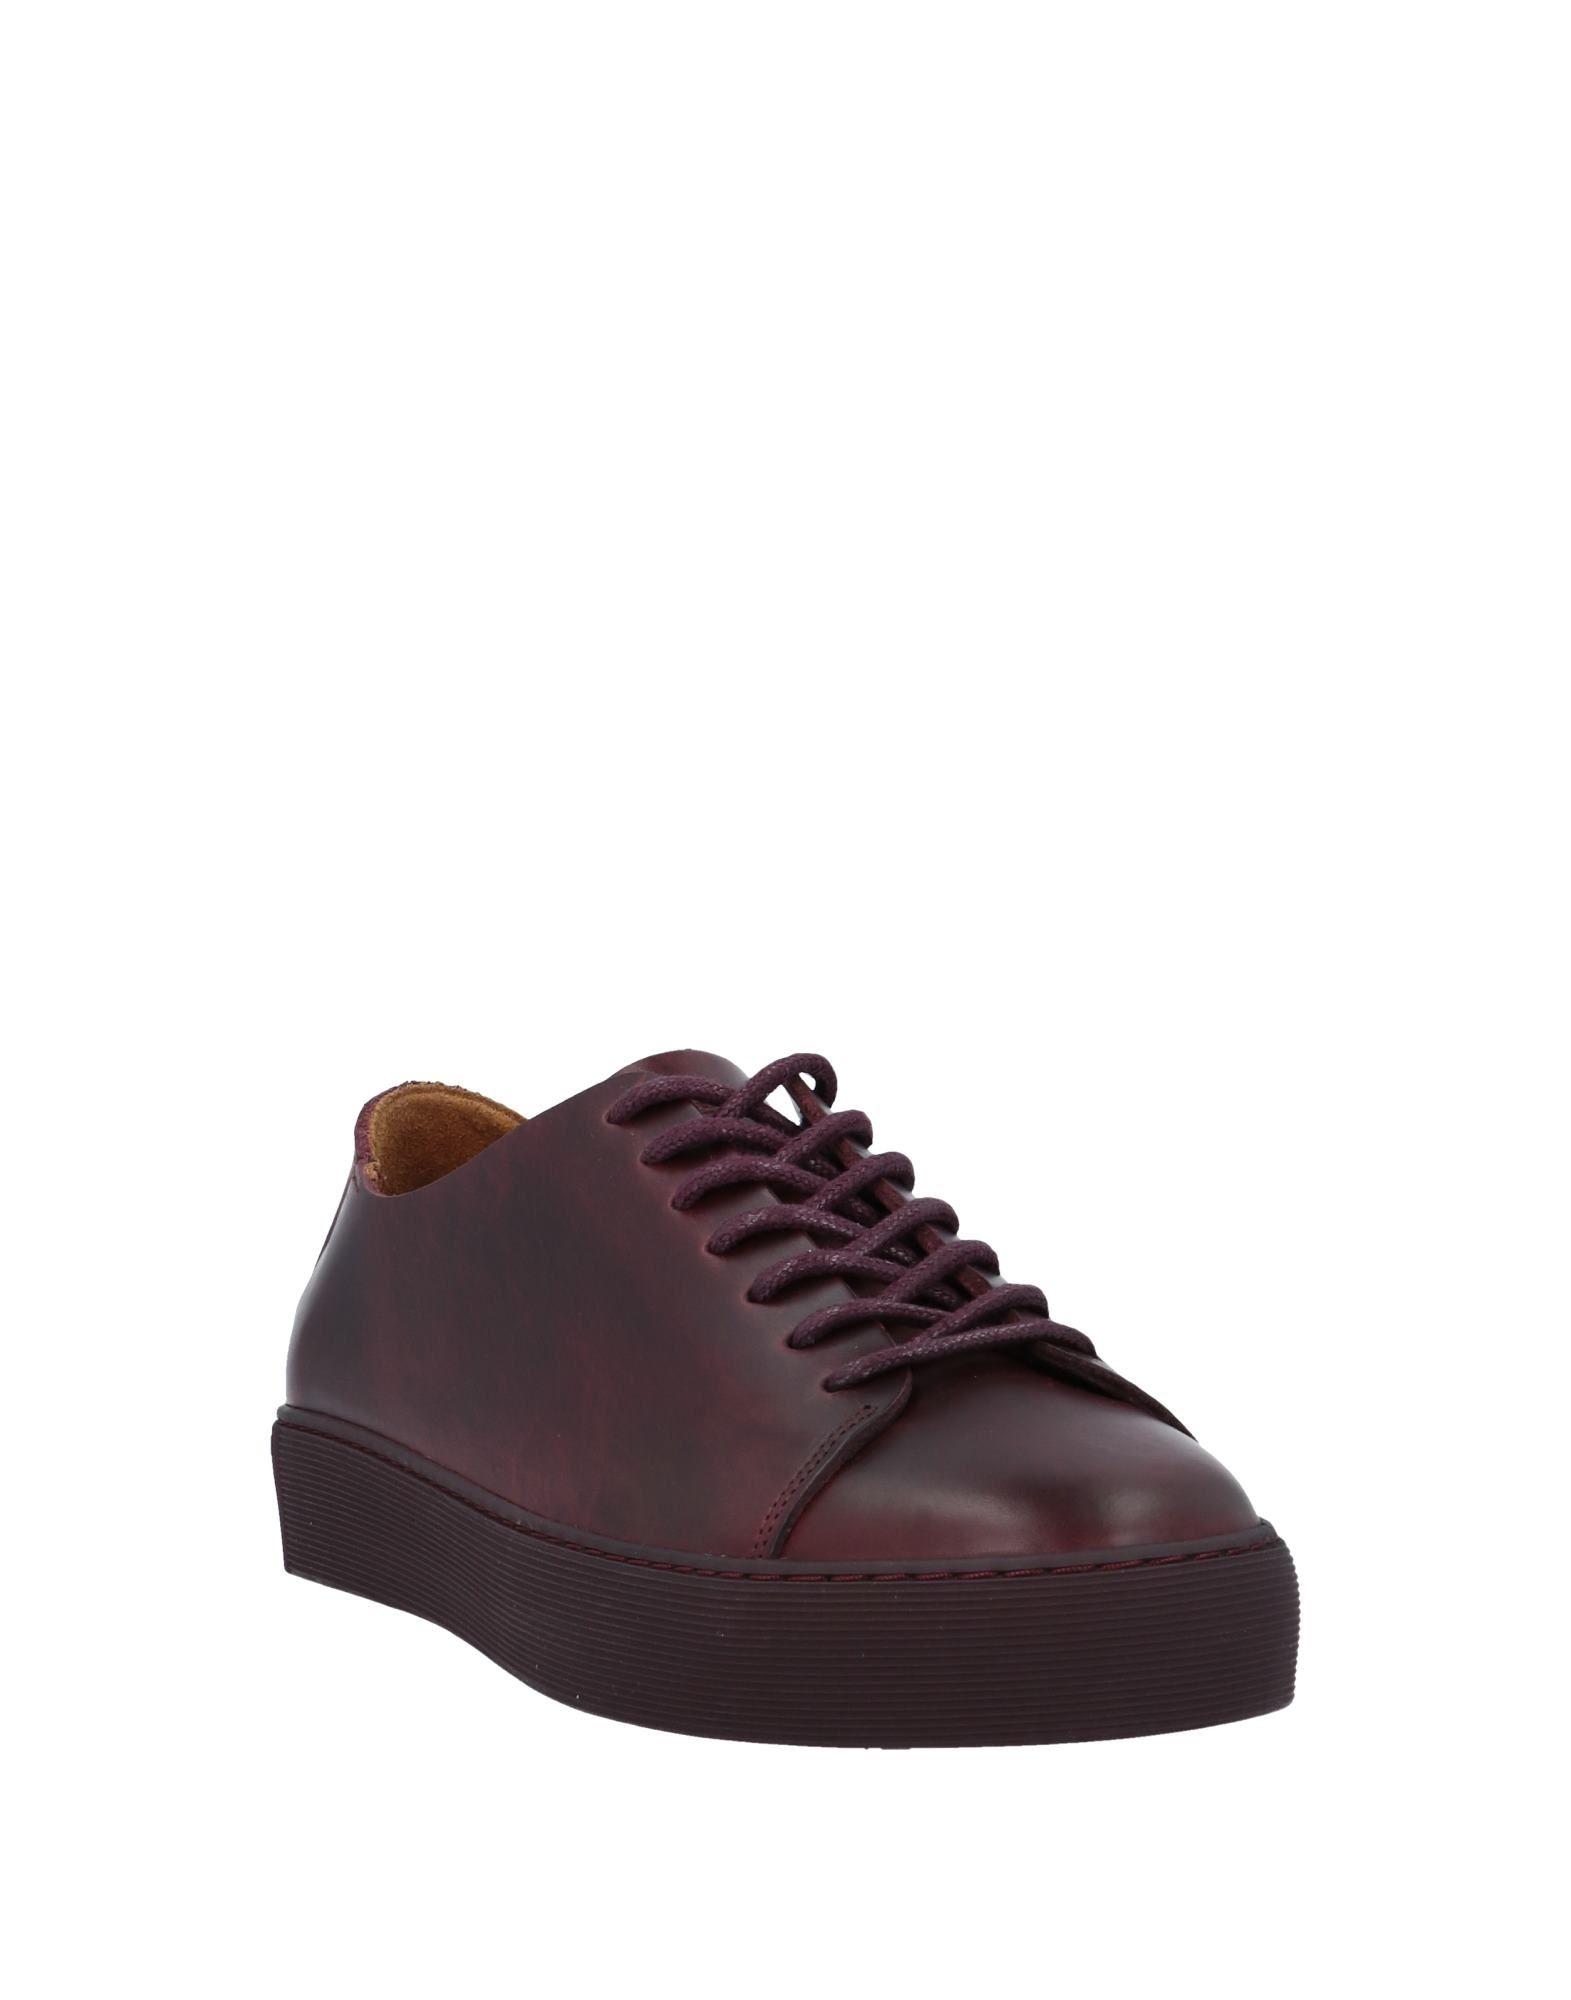 Stilvolle billige Schuhe Royal  Republiq Sneakers Damen  Royal 11543311WR a63483